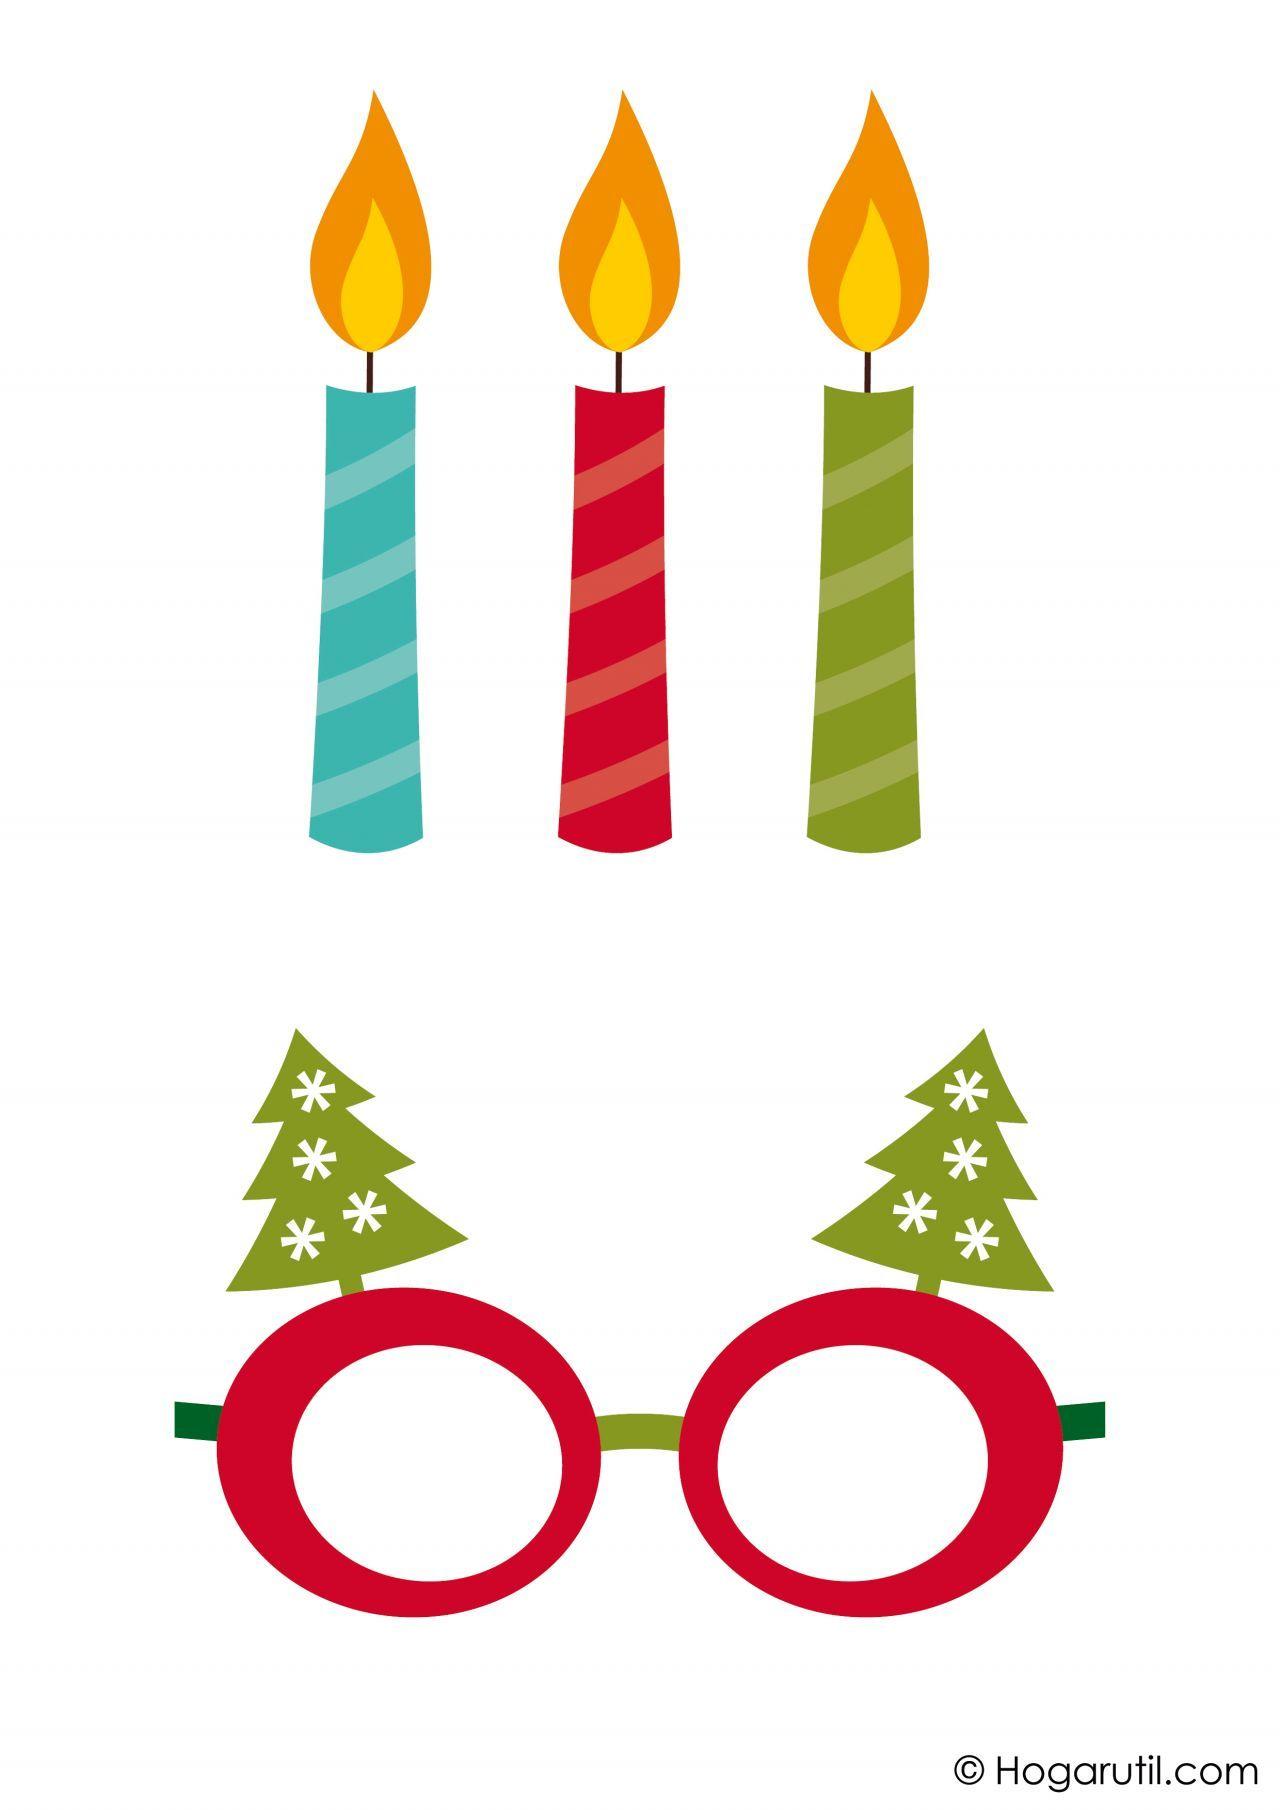 Pin de charo garcia en fotocol casero | Pinterest | Navidad ...